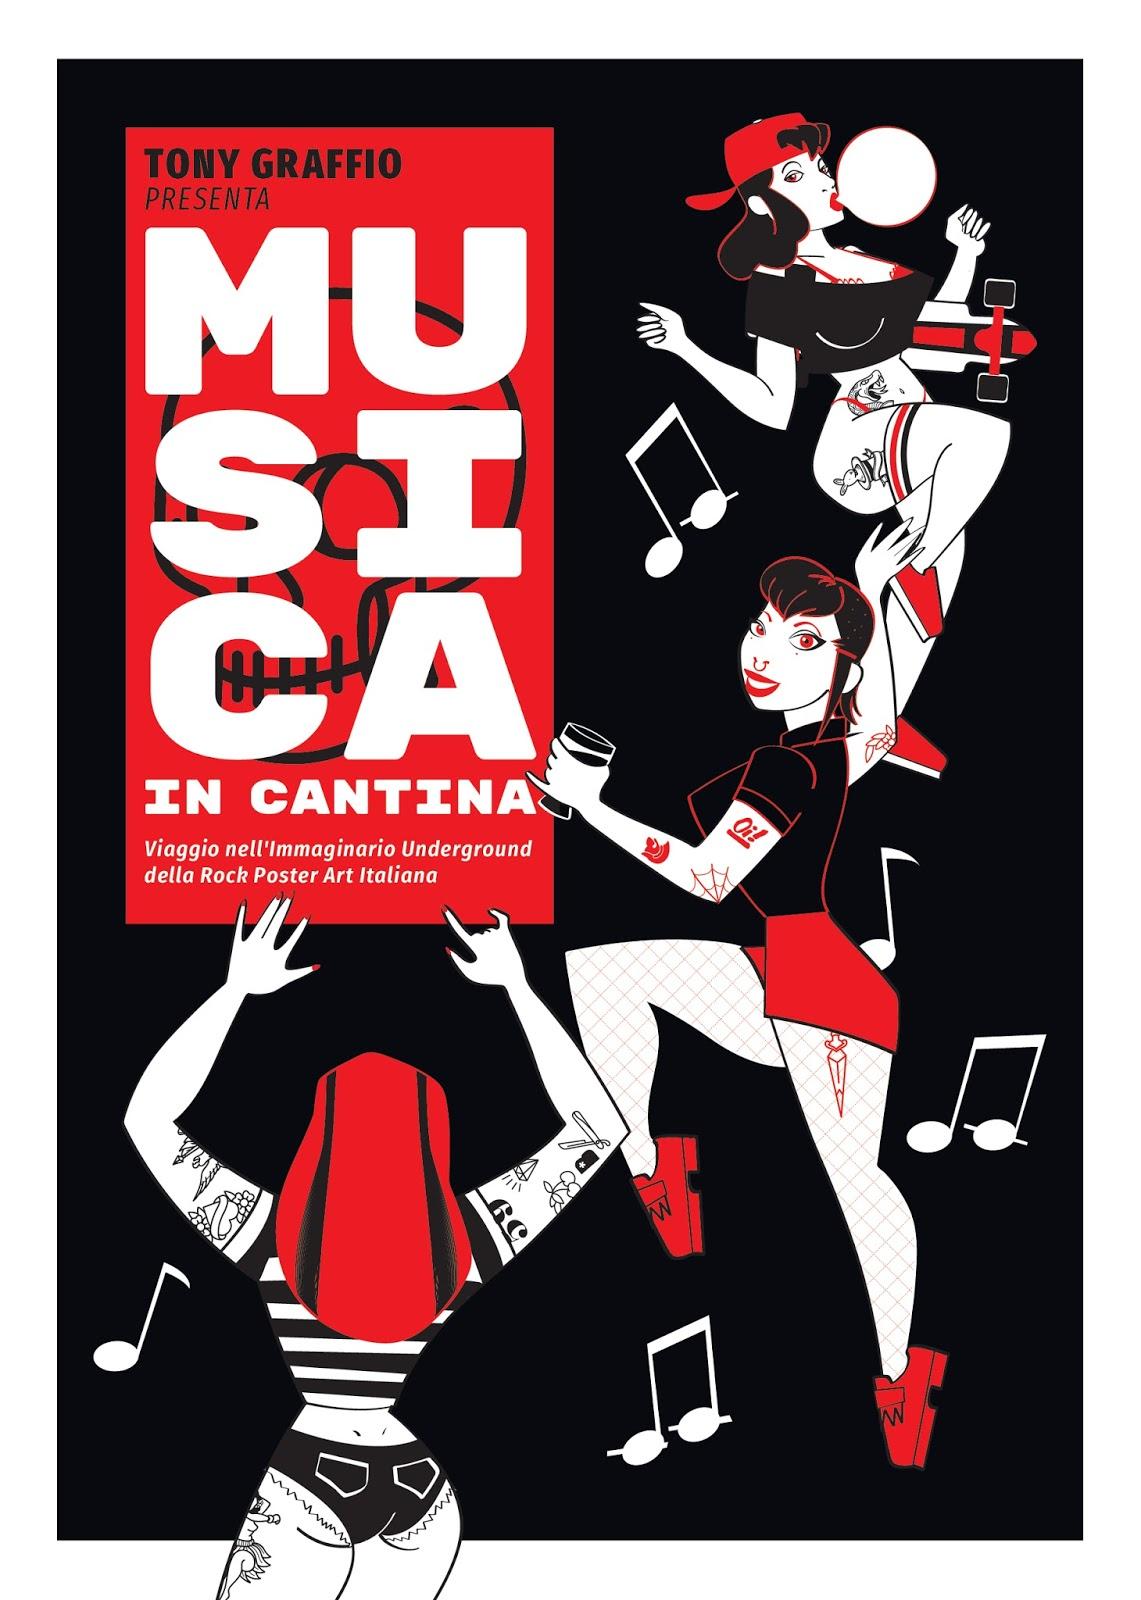 Copertina del libro di Tony Graffio Musica in Cantina